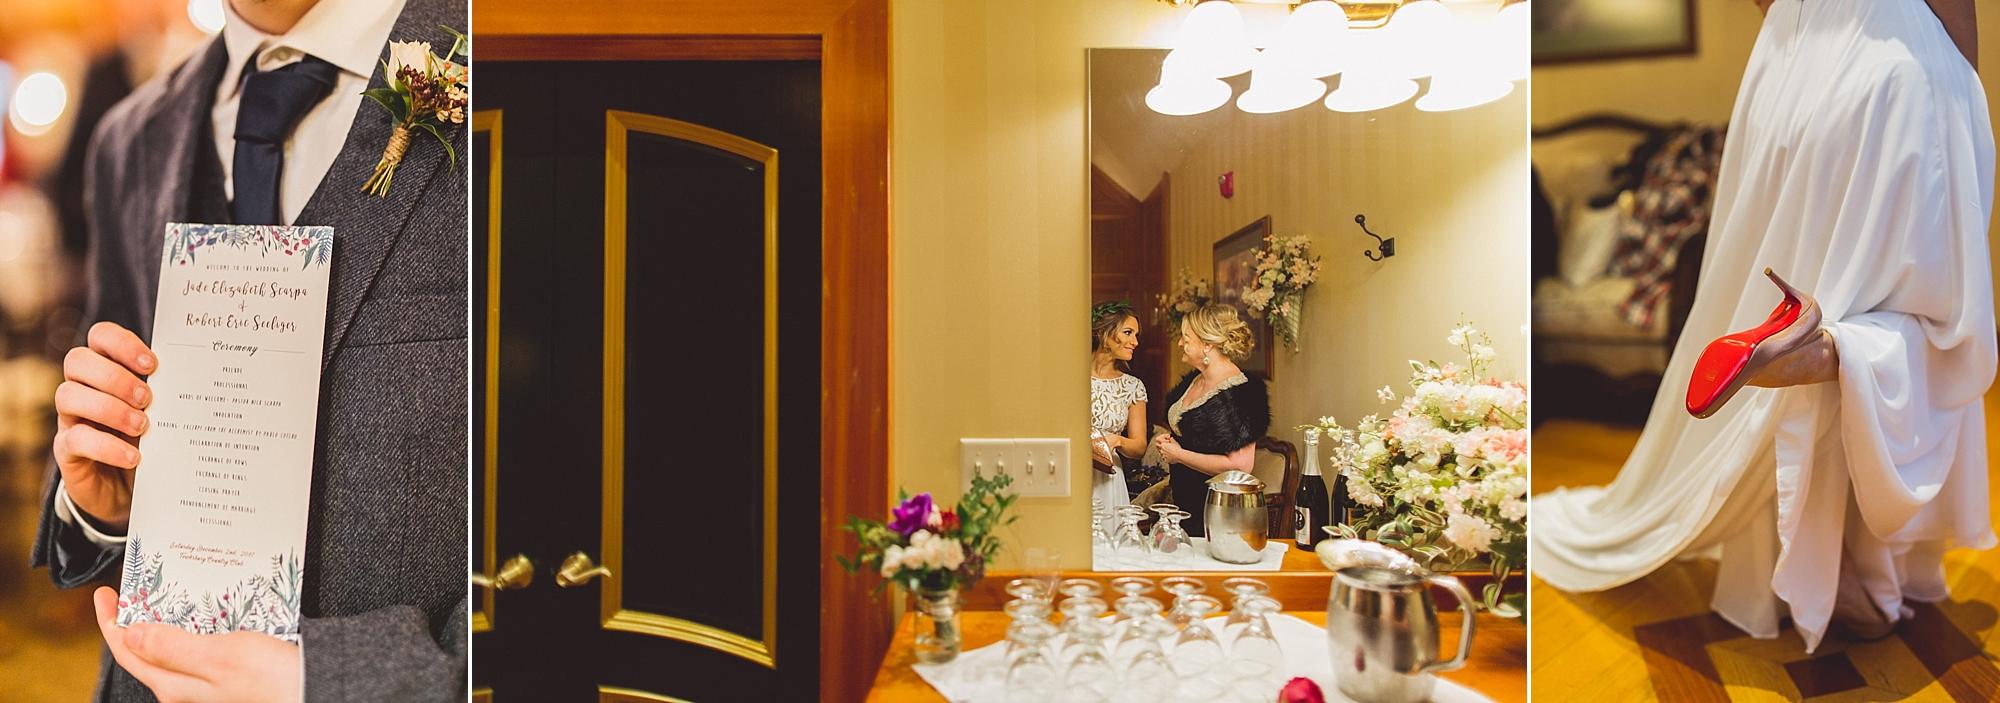 Tweaksbury-country-clup-wedding-31.jpg